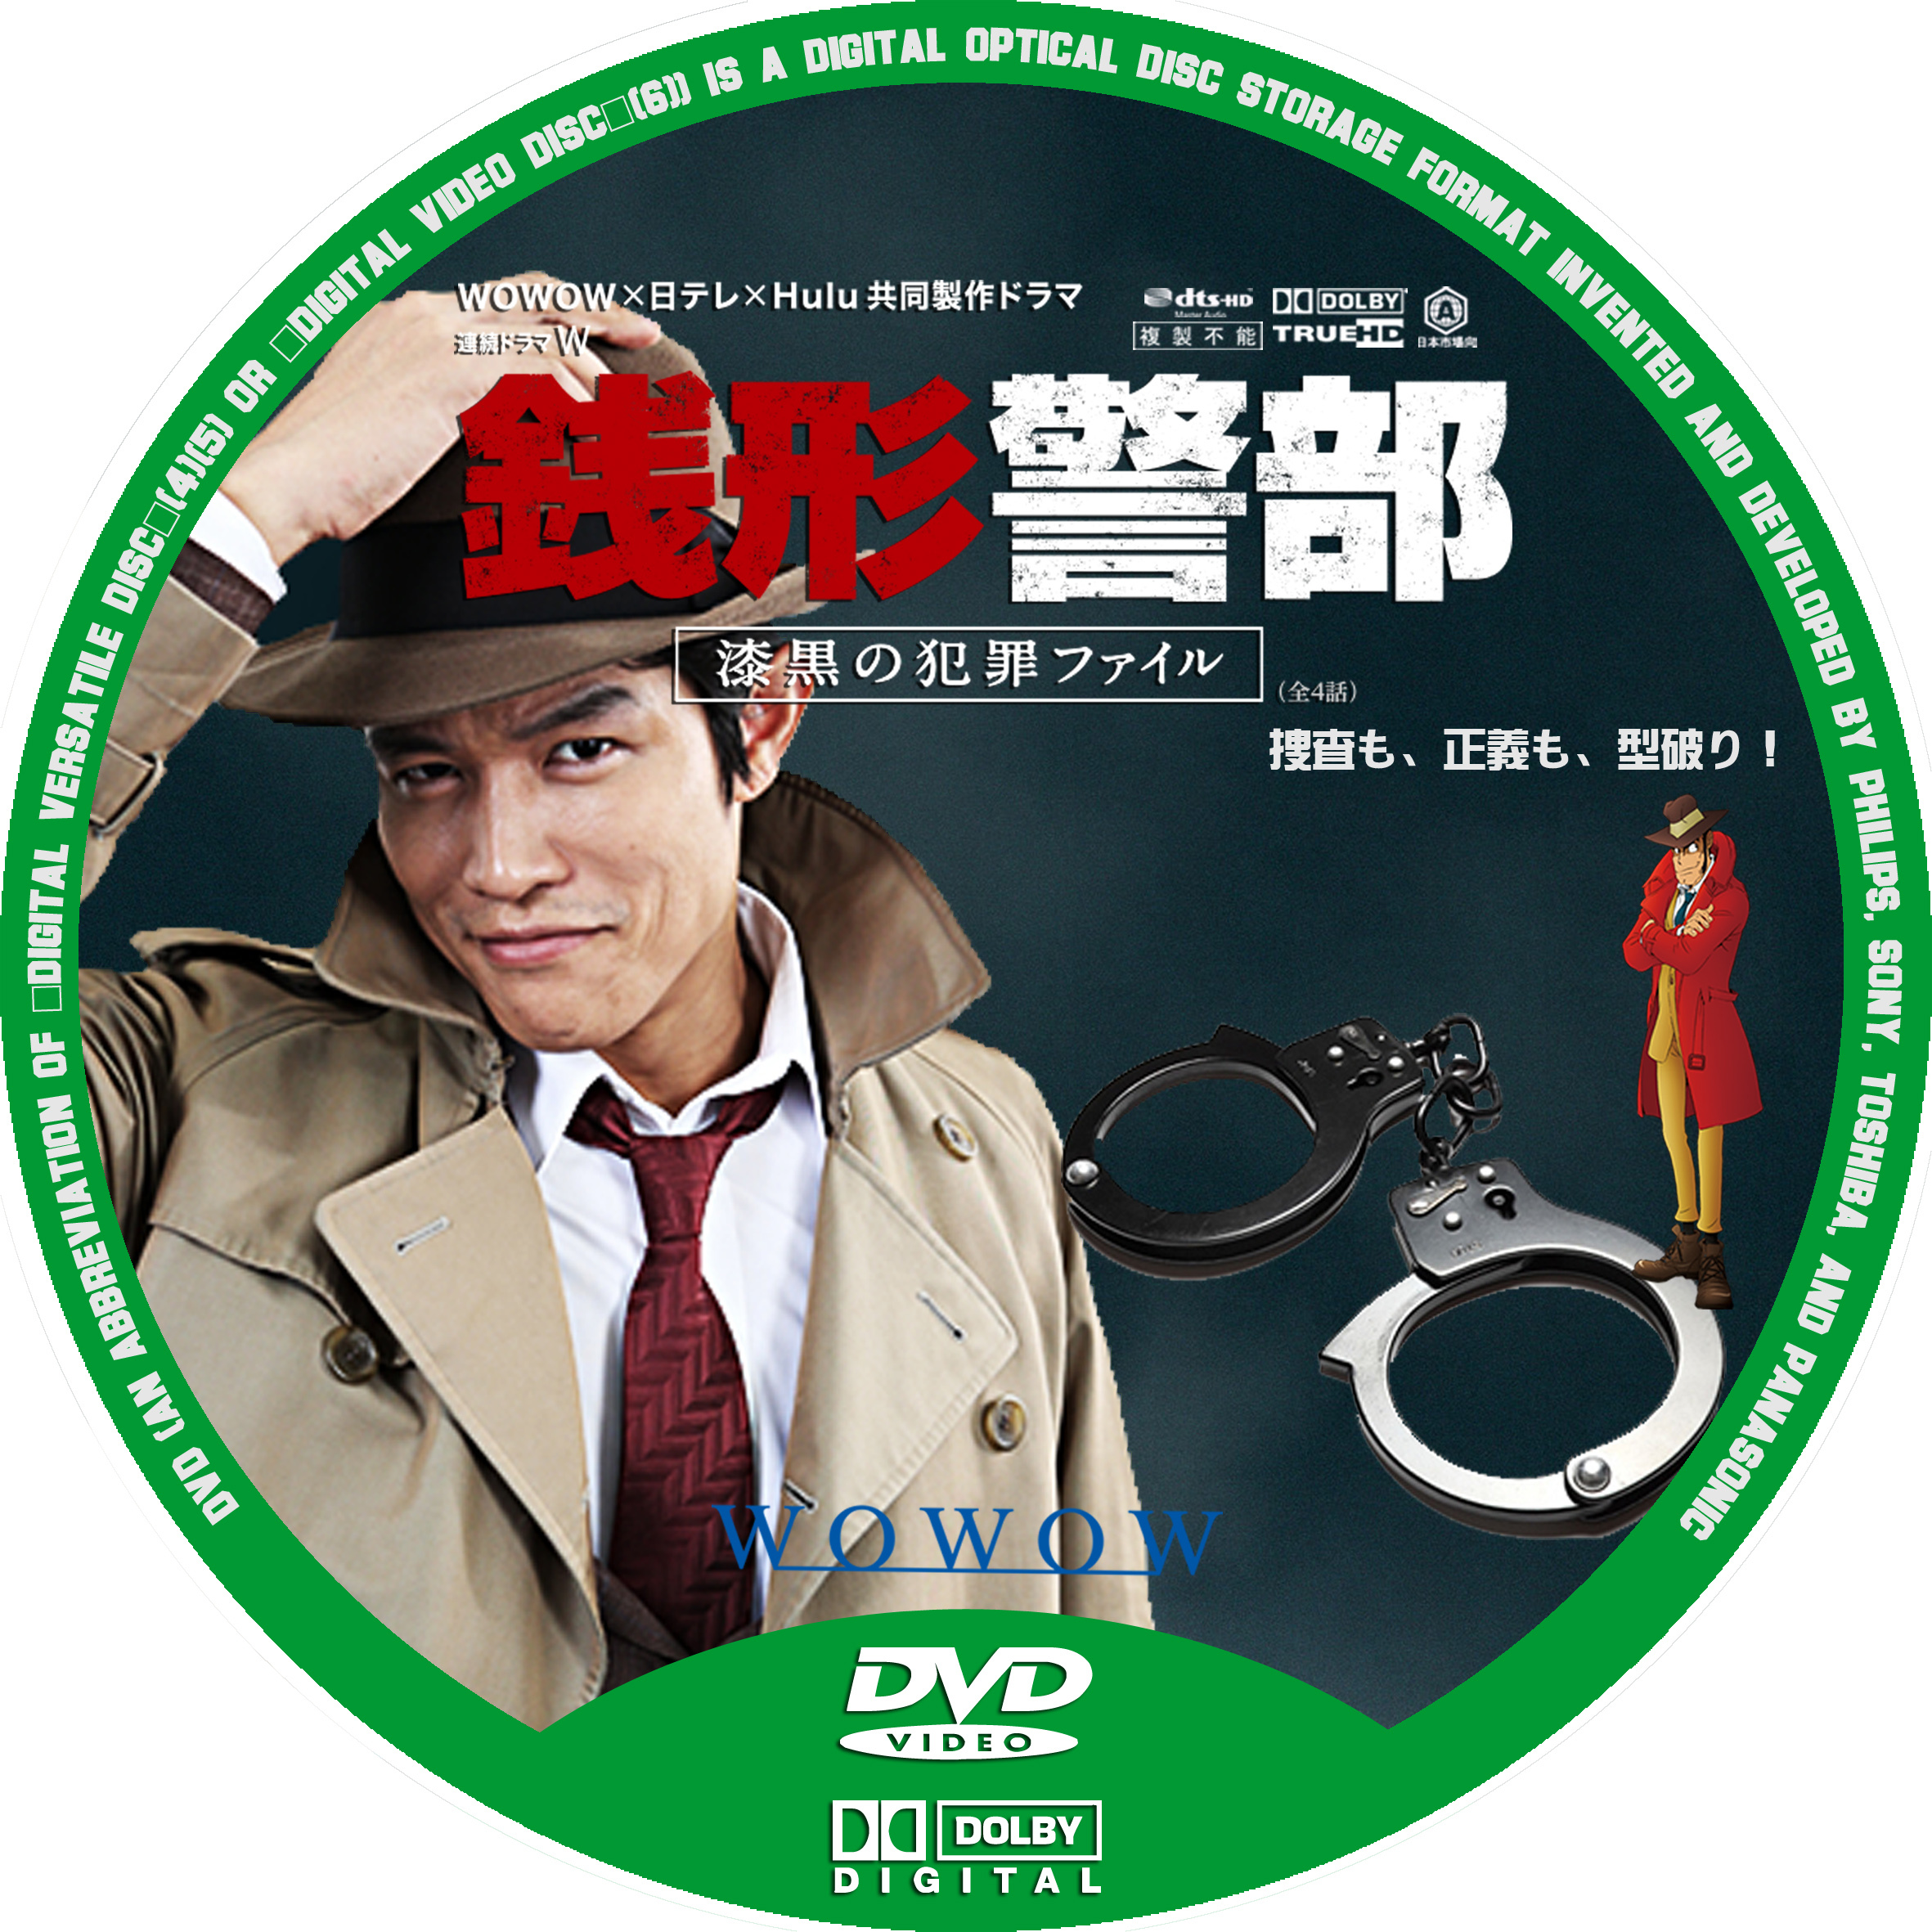 銭形警部DVD